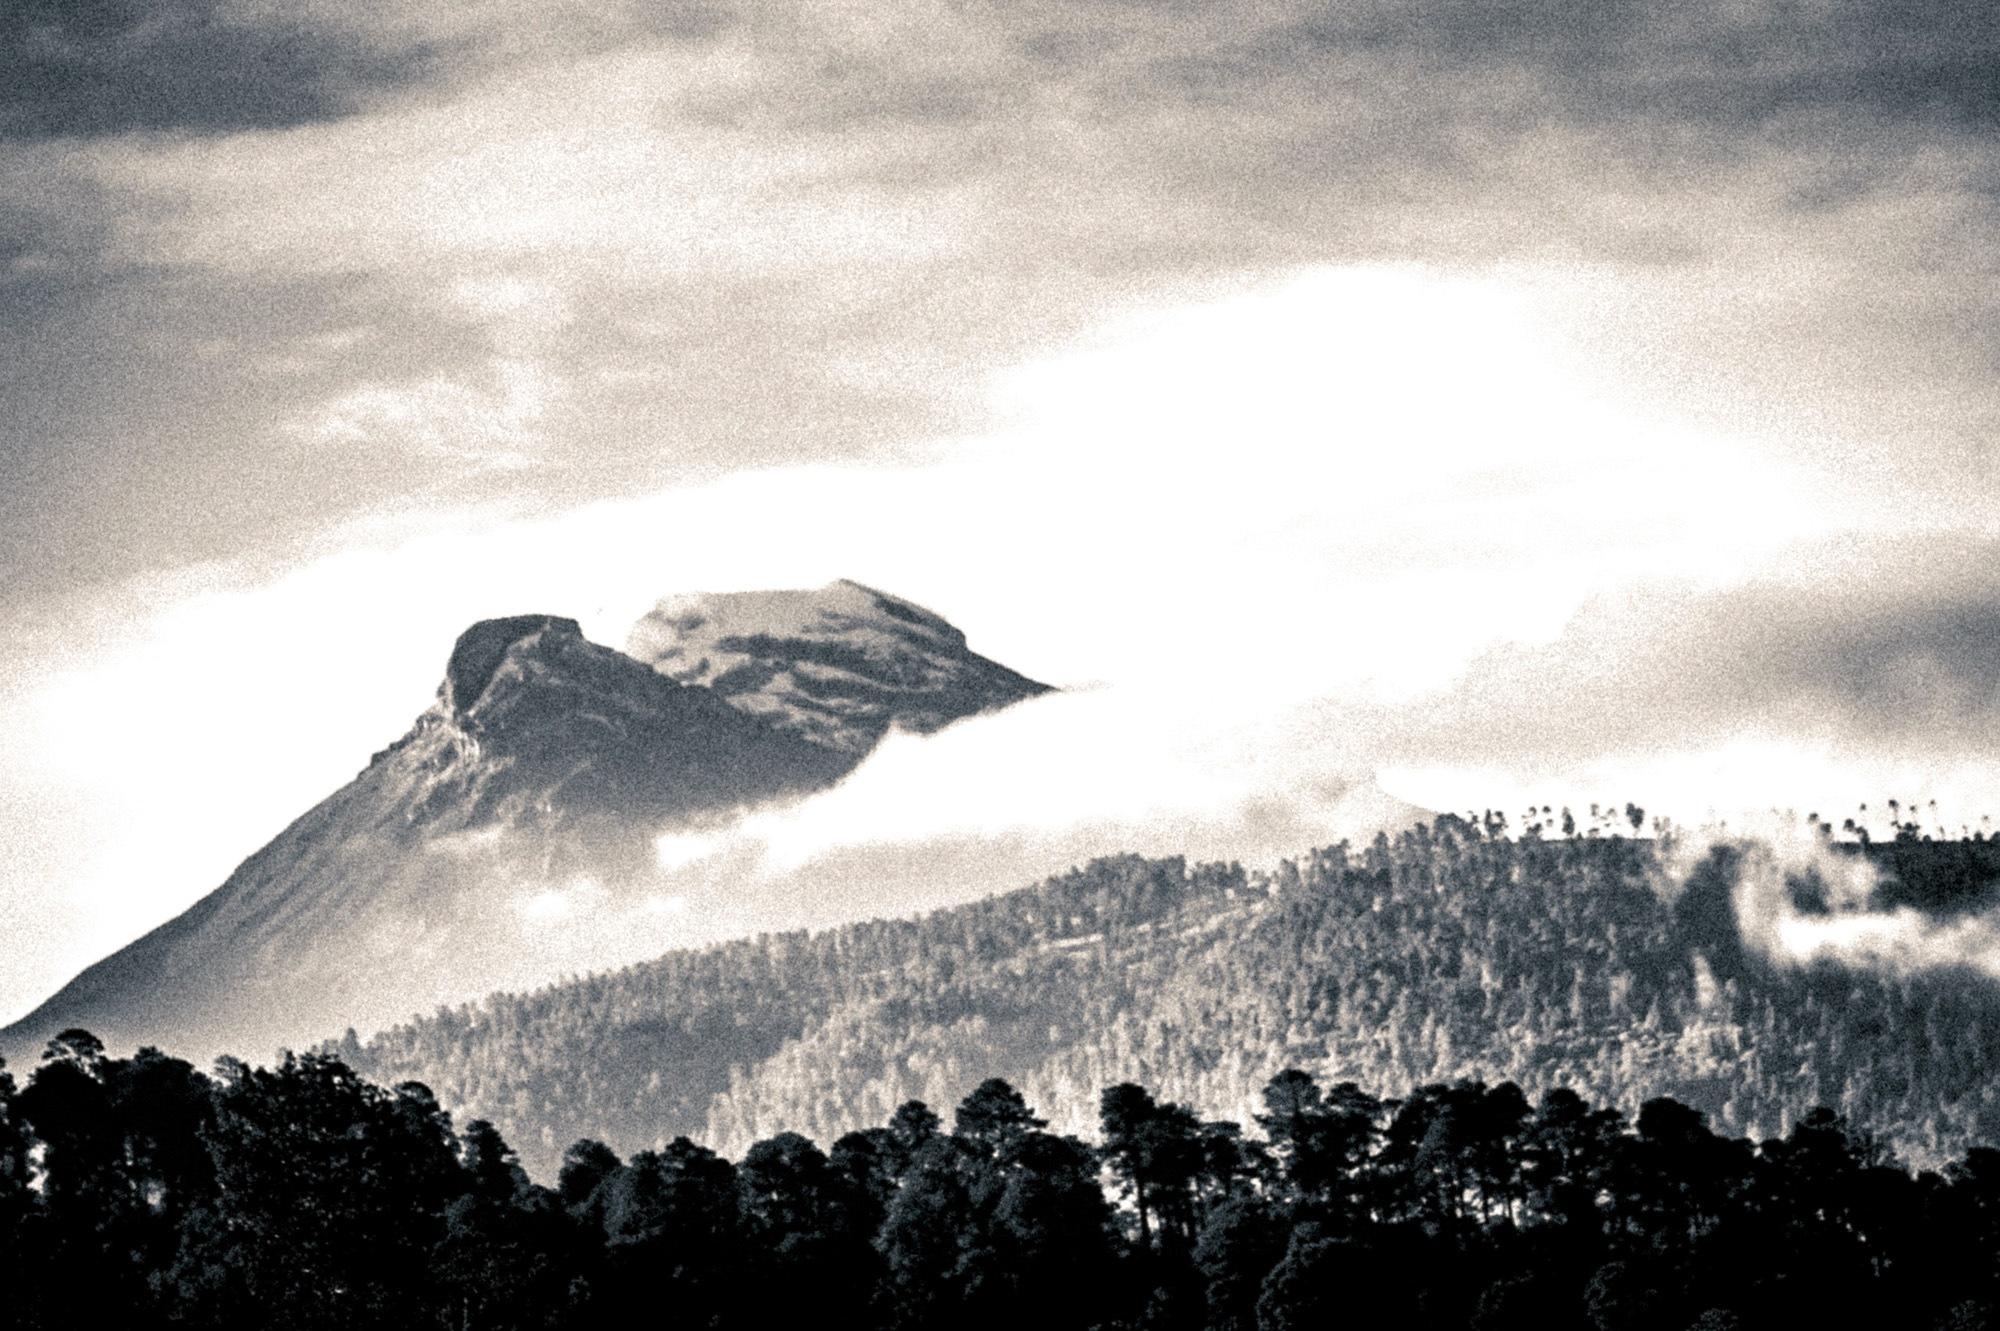 Iztaccihuatl by Gerardo Torres